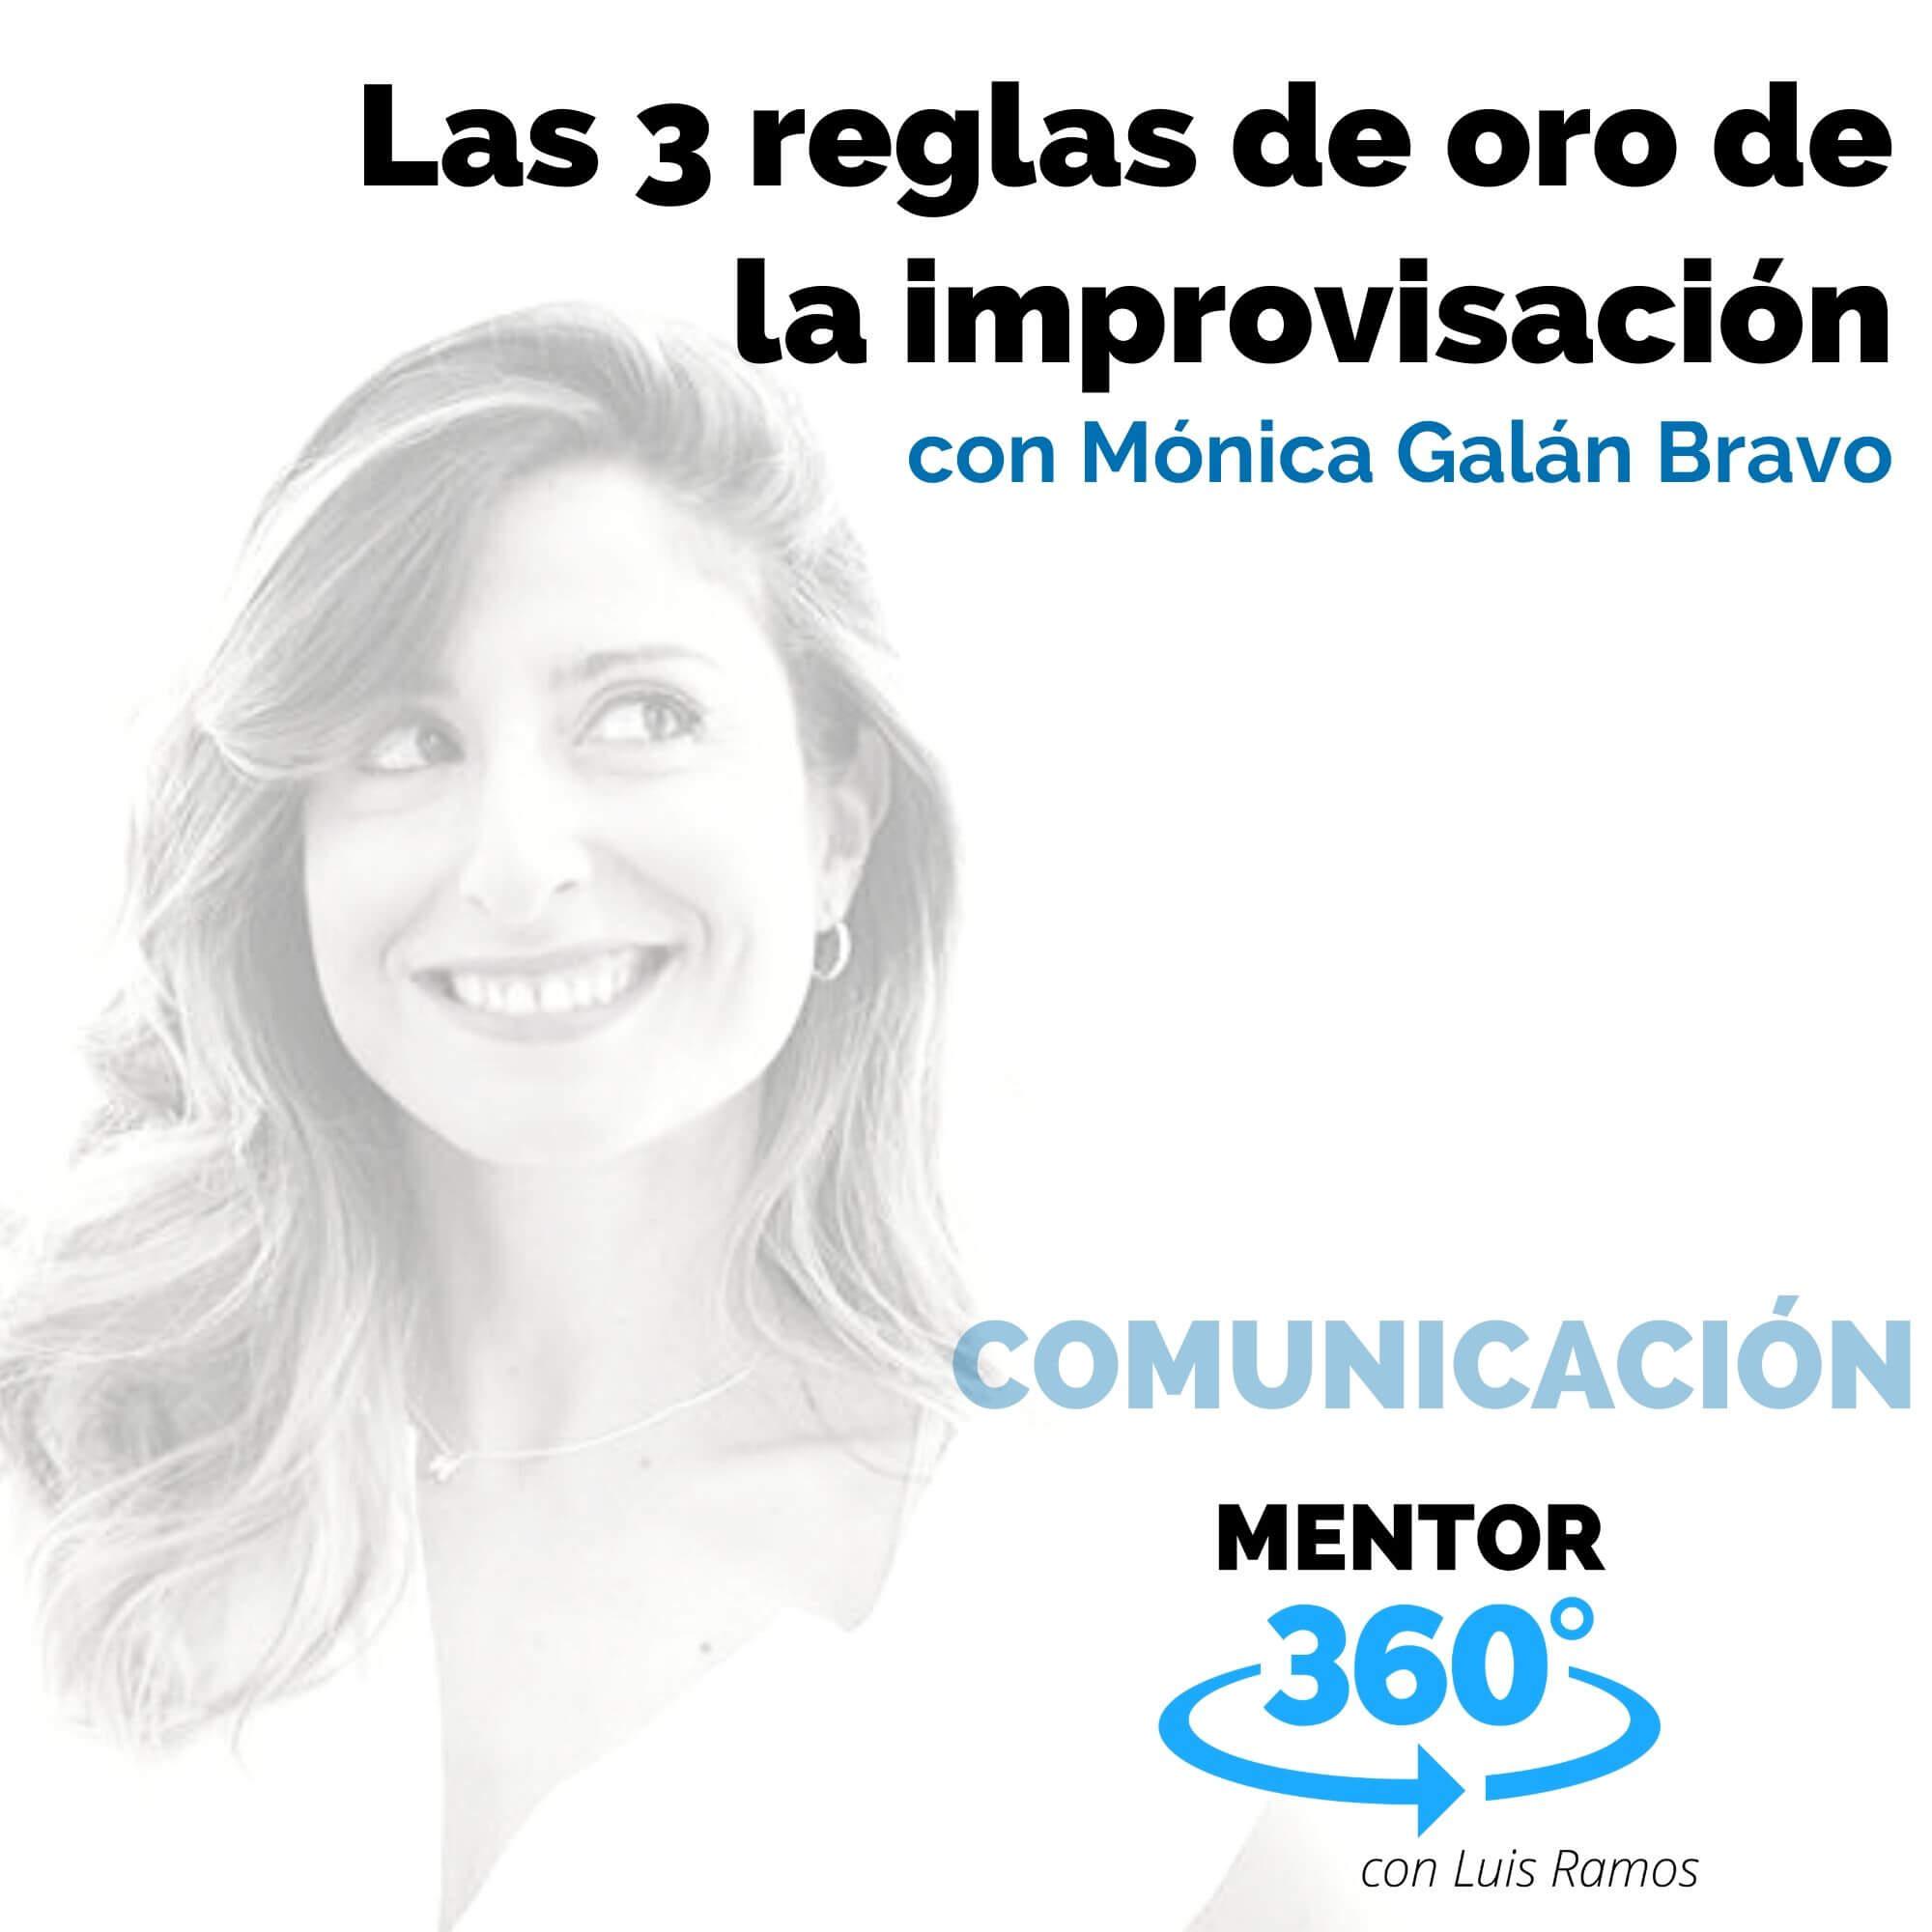 Las 3 reglas de oro de la improvisación, con Mónica Galán Bravo - COMUNICACIÓN